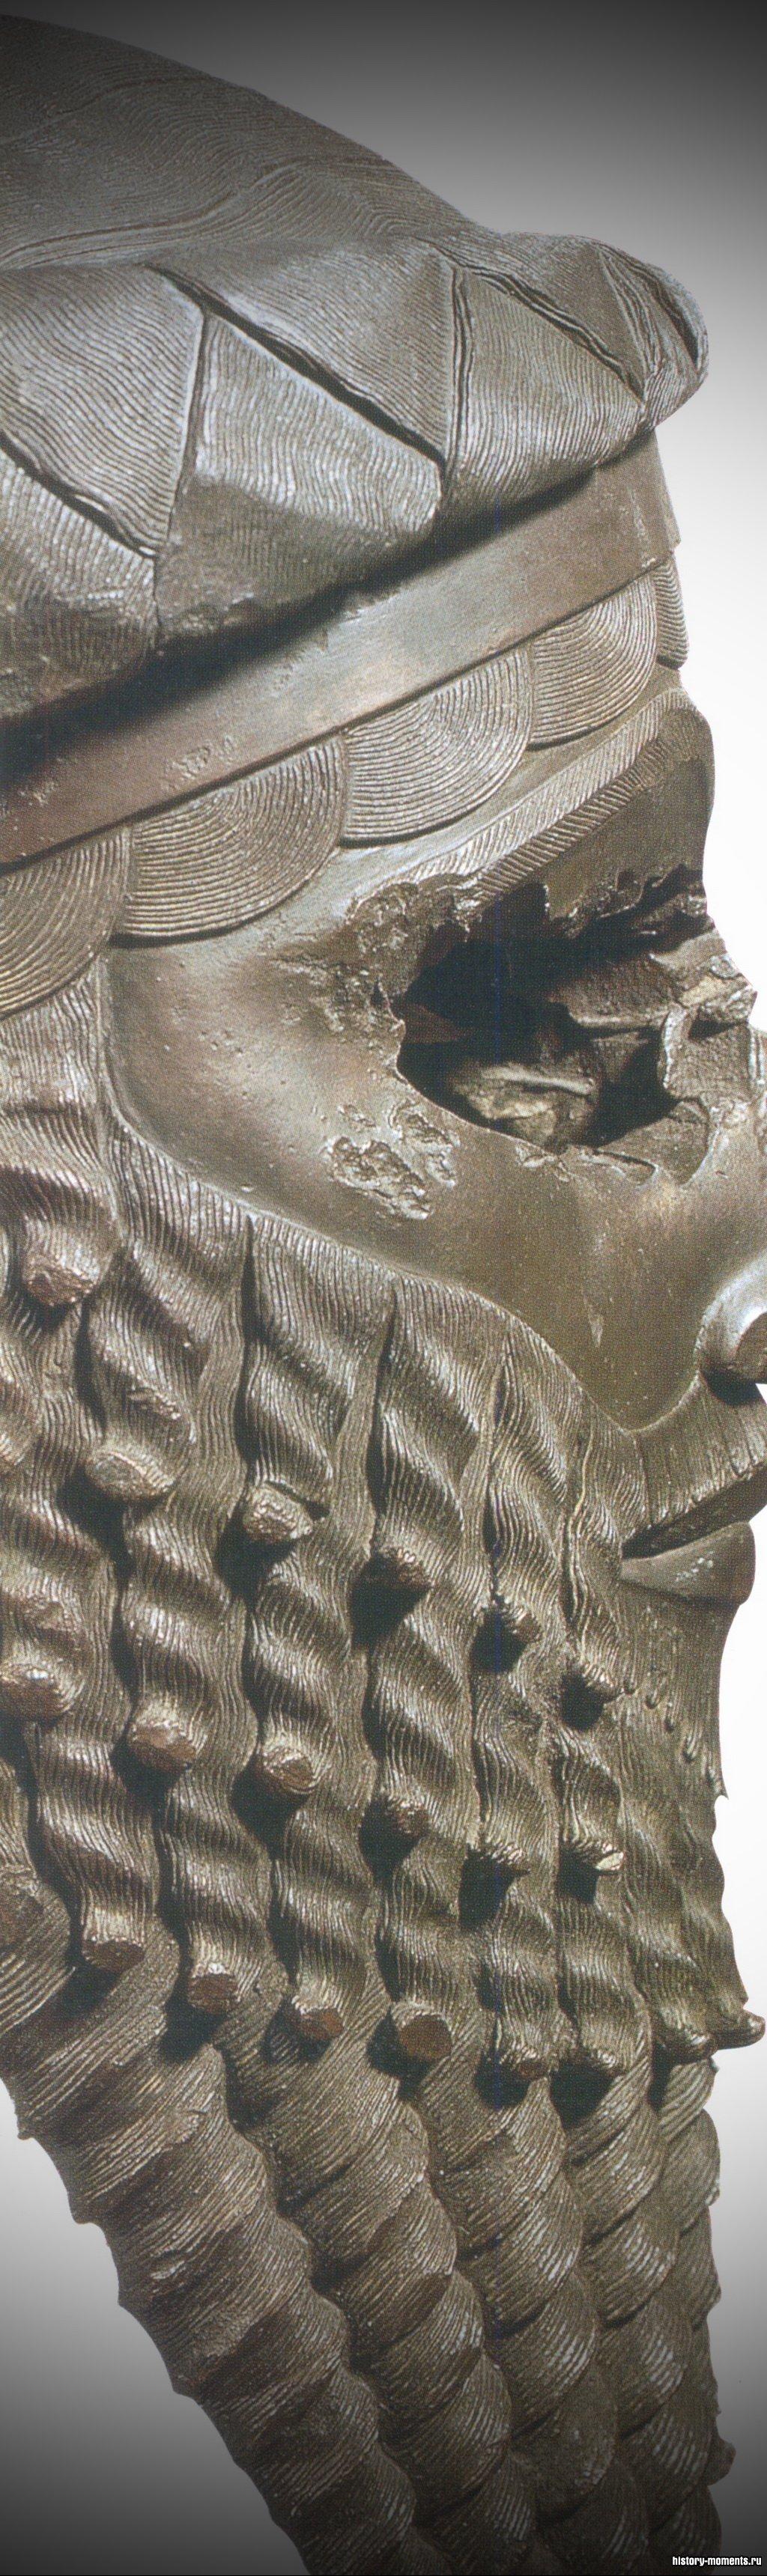 Эта медная голова может быть изображением и самого Саргона Древнего, и его воинственного потомка Нарам-Суэна.